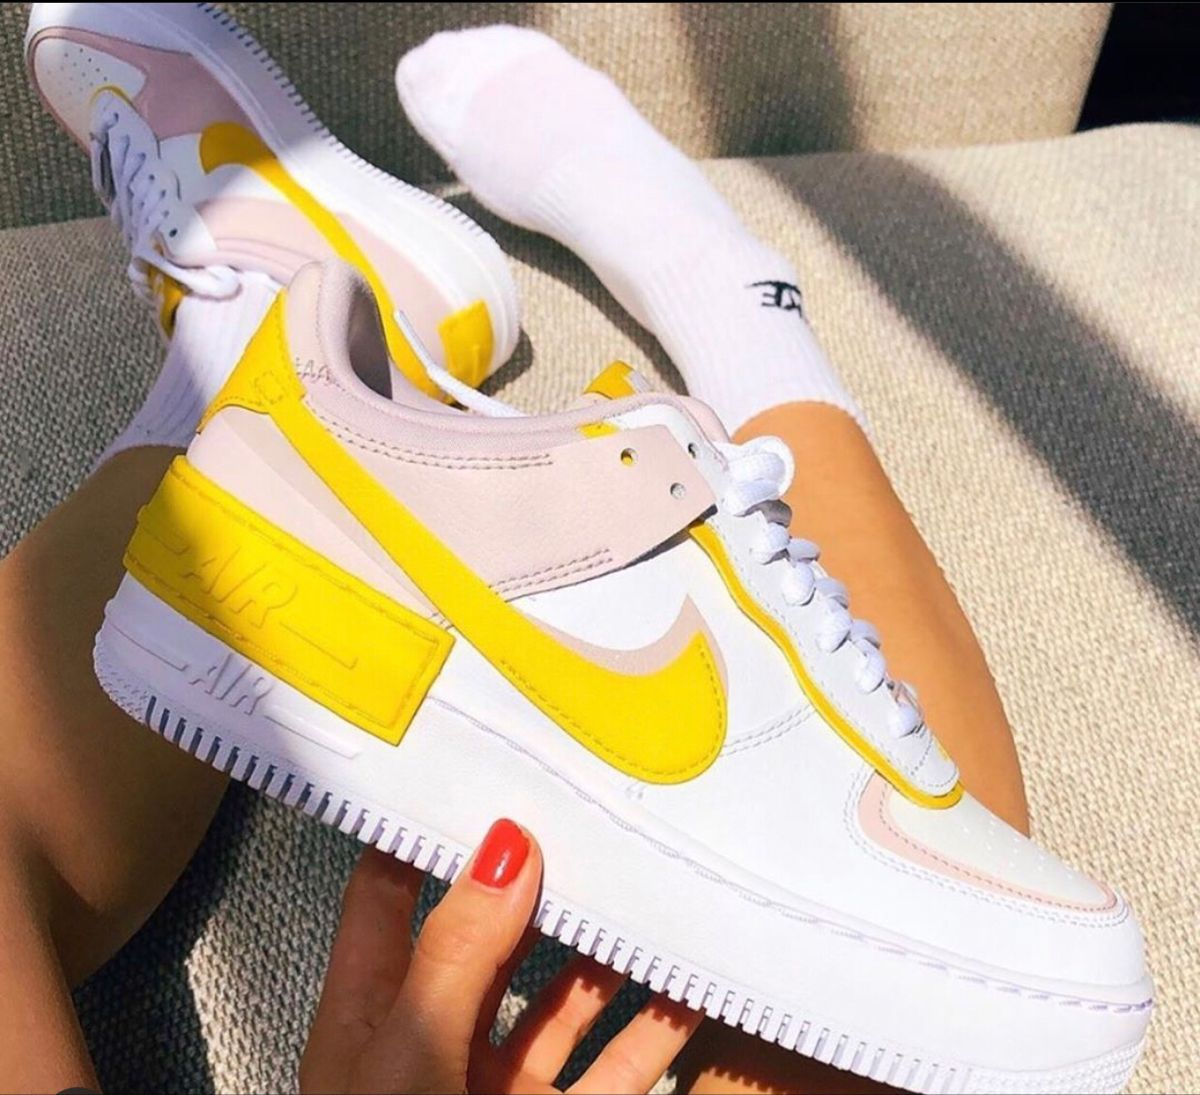 Nike air shadow in 2020 Nike shoes air force, Nike air